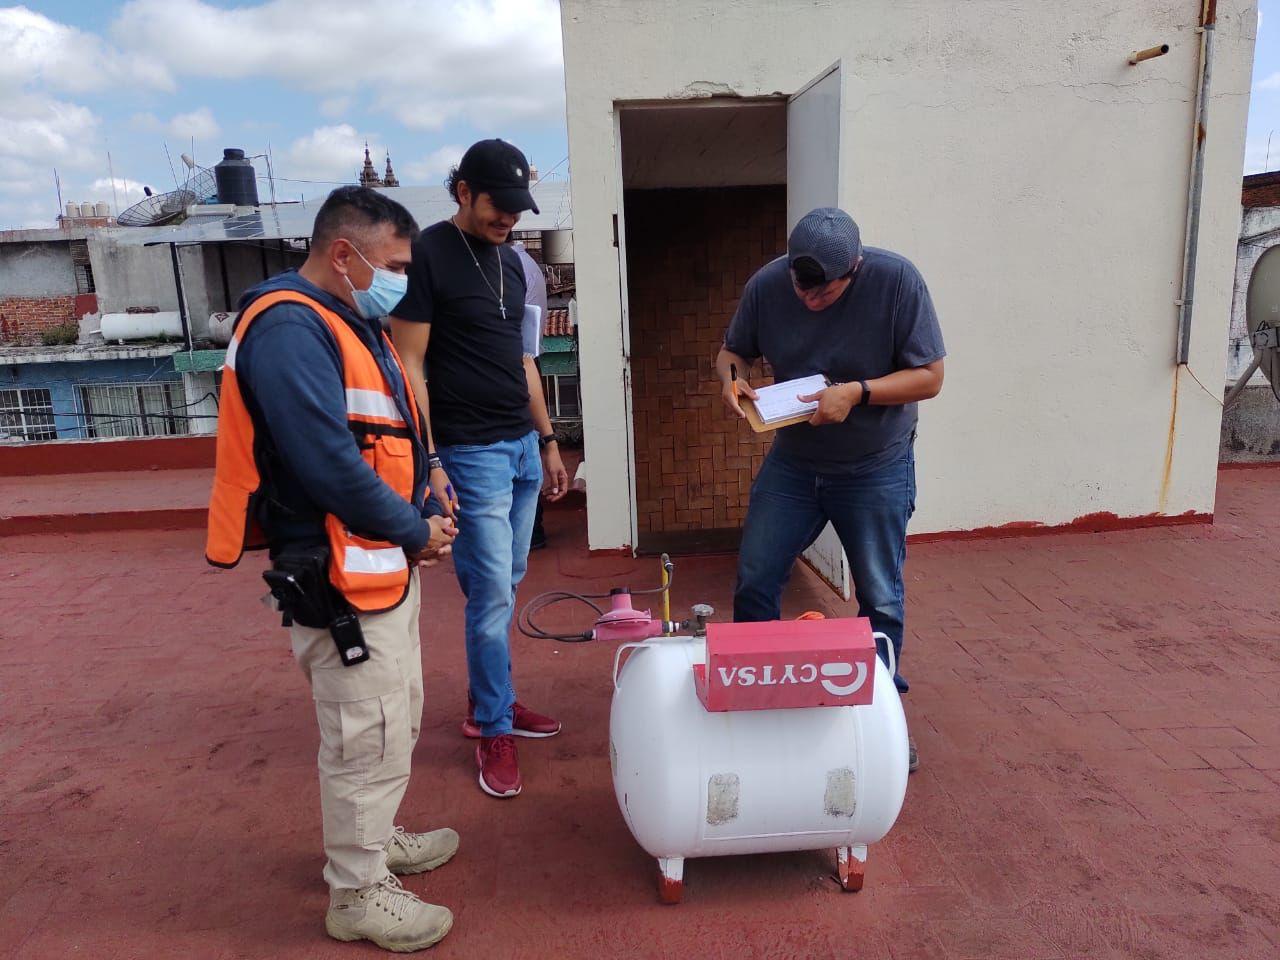 Revisó Protección Civil instalaciones de gas y luz en el Mercado Hidalgo